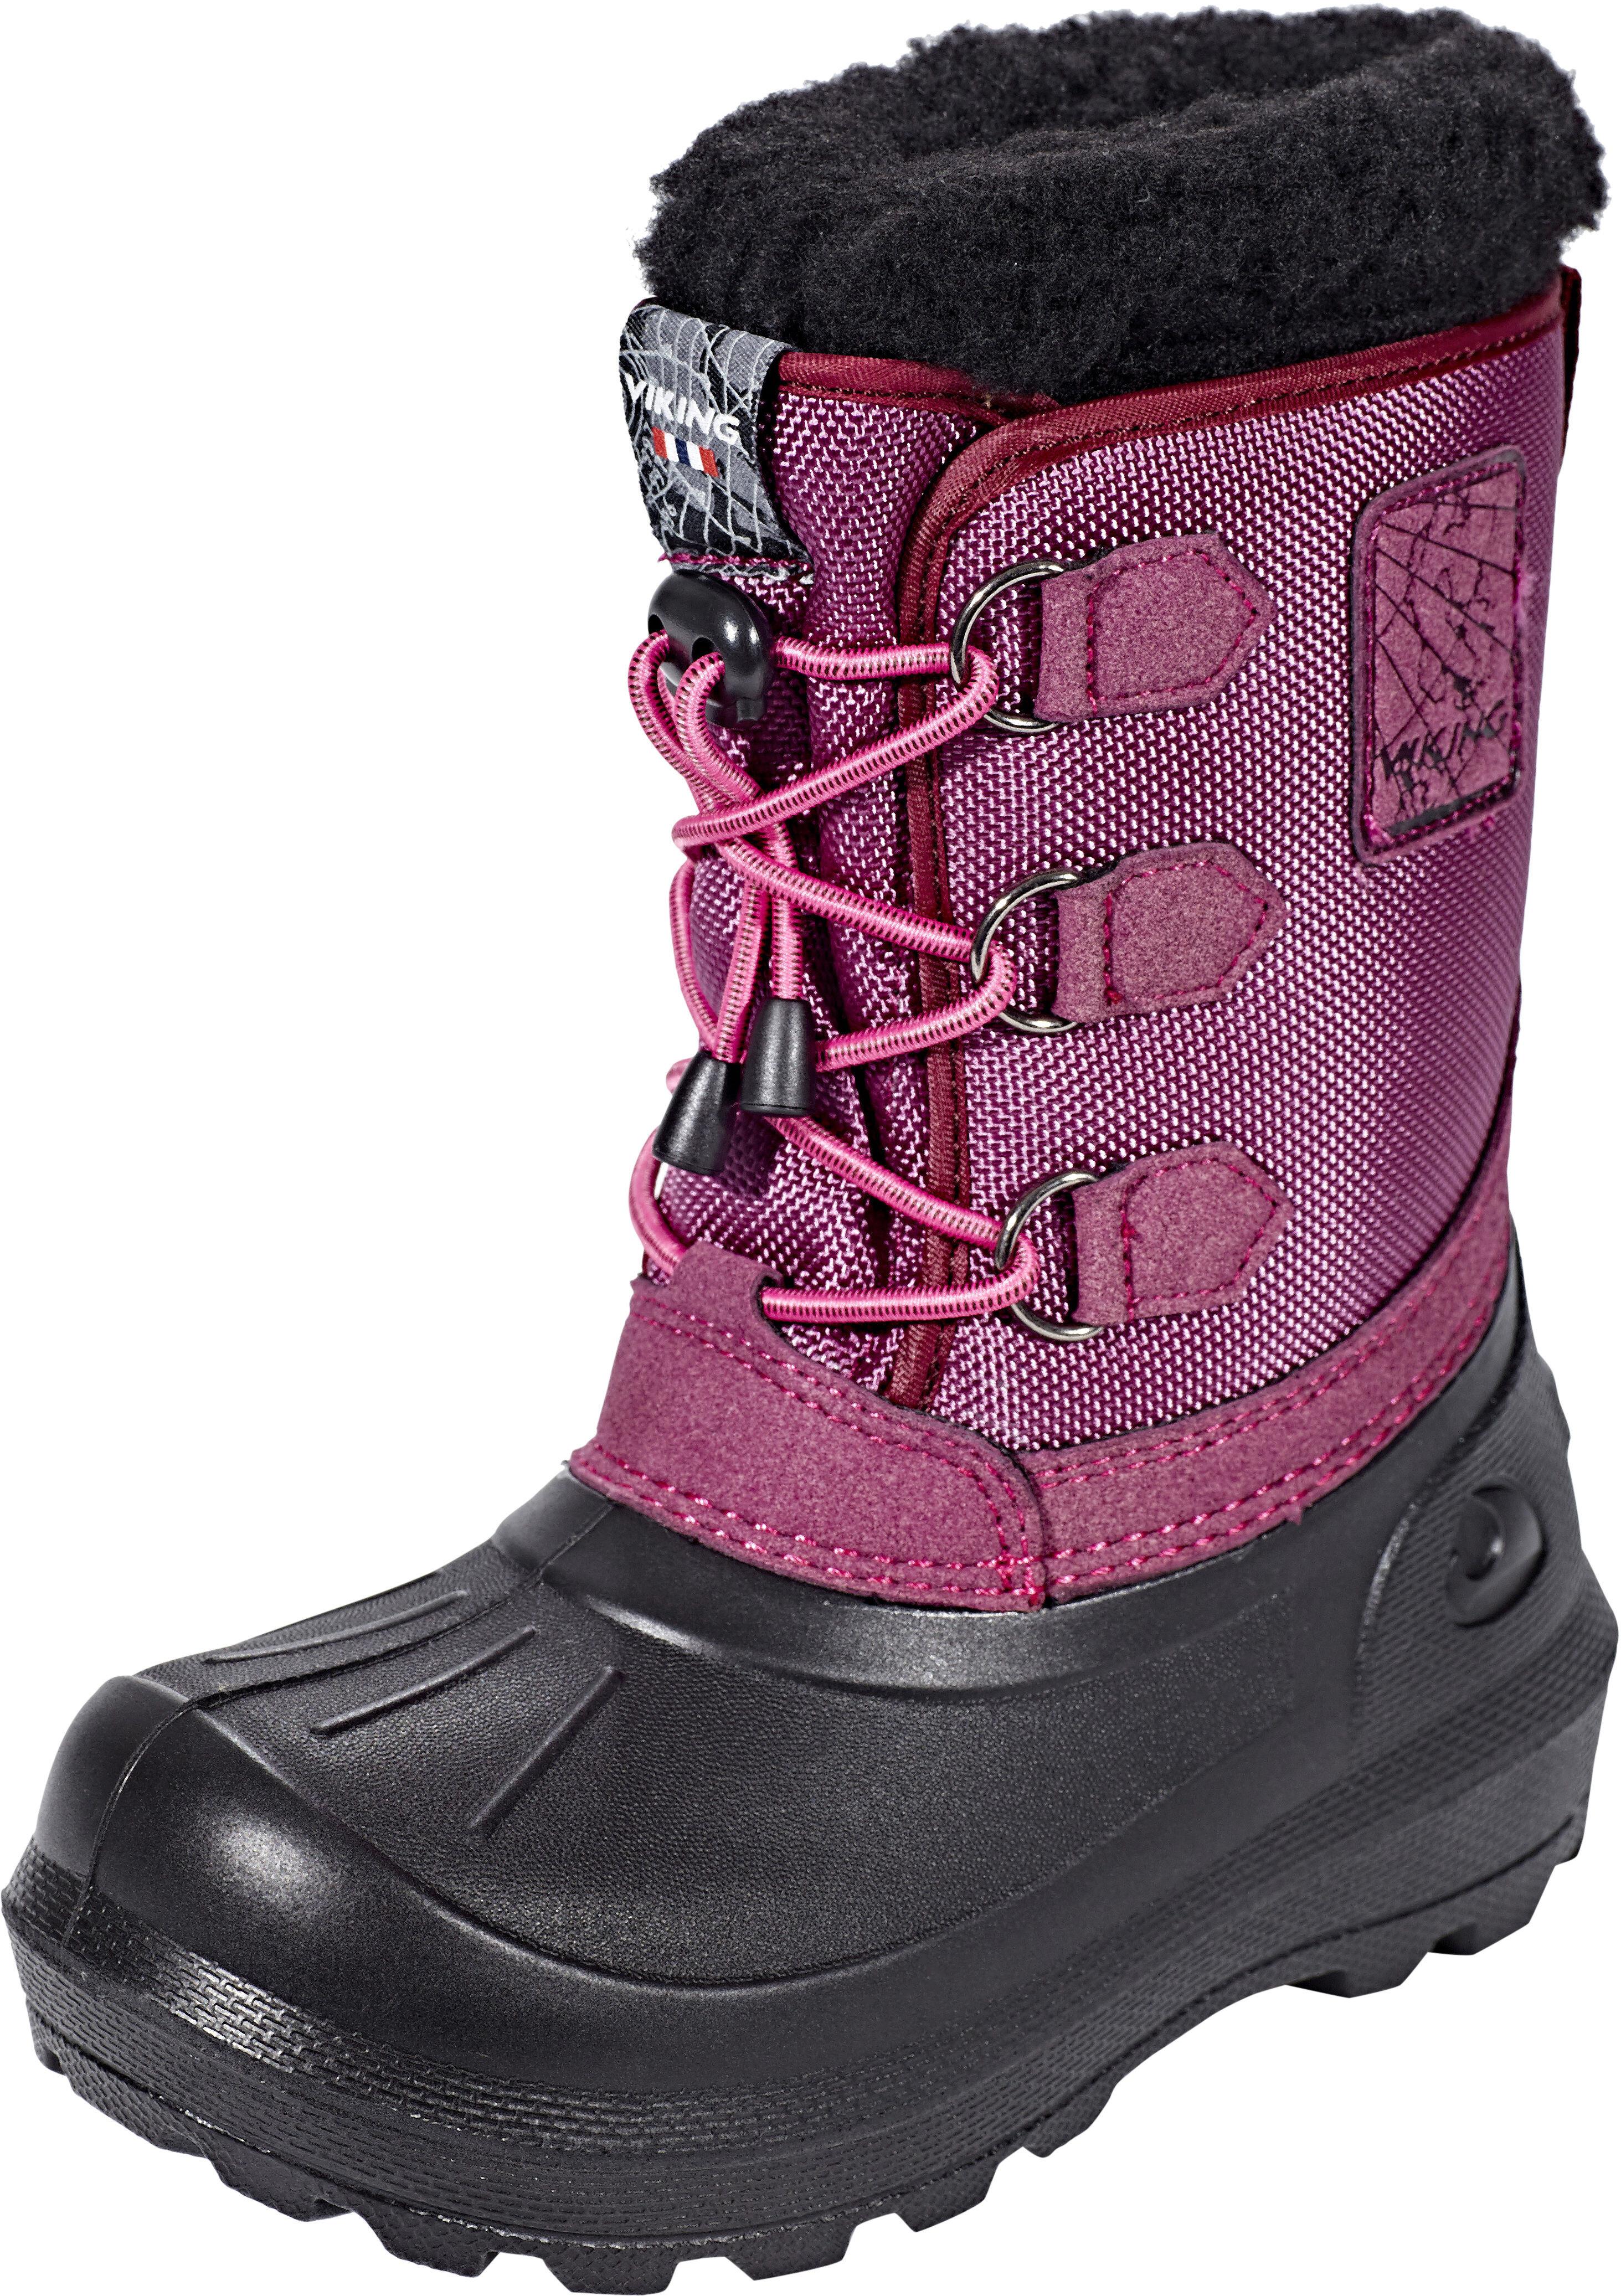 dc9a2739 Viking Footwear Istind Støvler Børn, dark pink/black | Find ...